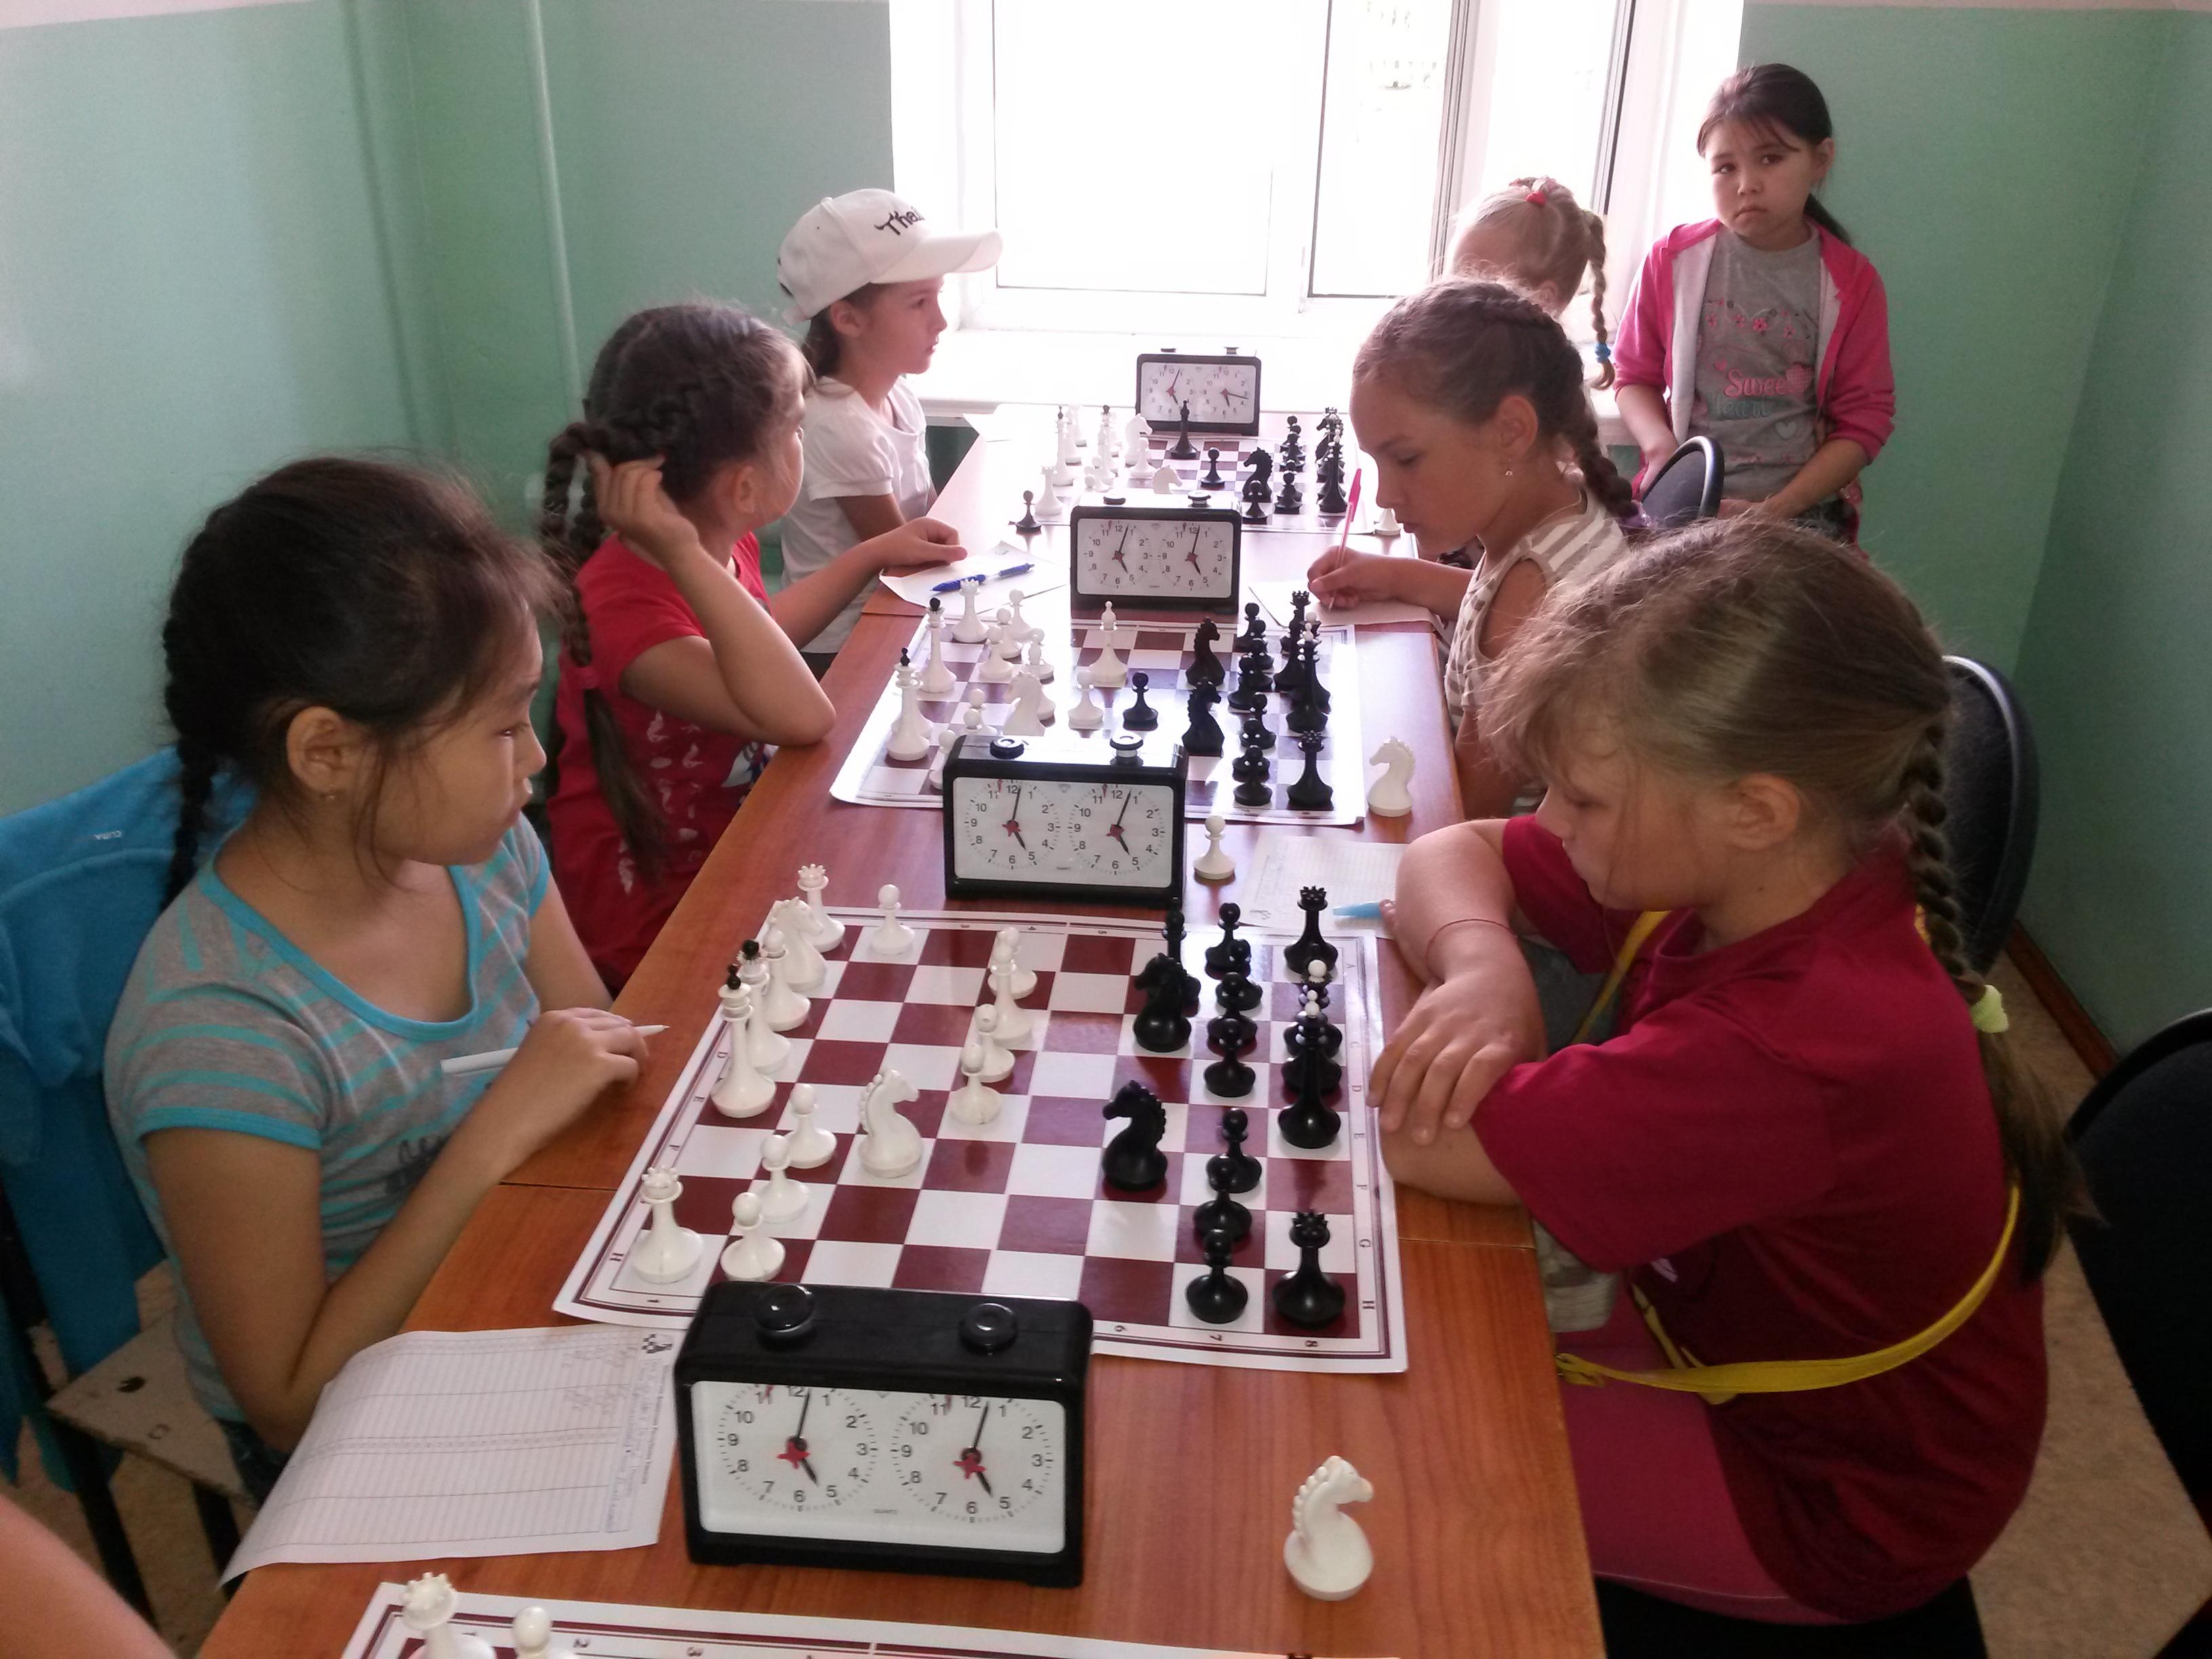 Справа Елизавета Власенко-лучшая в Хакасии среди девочек до 13 лет